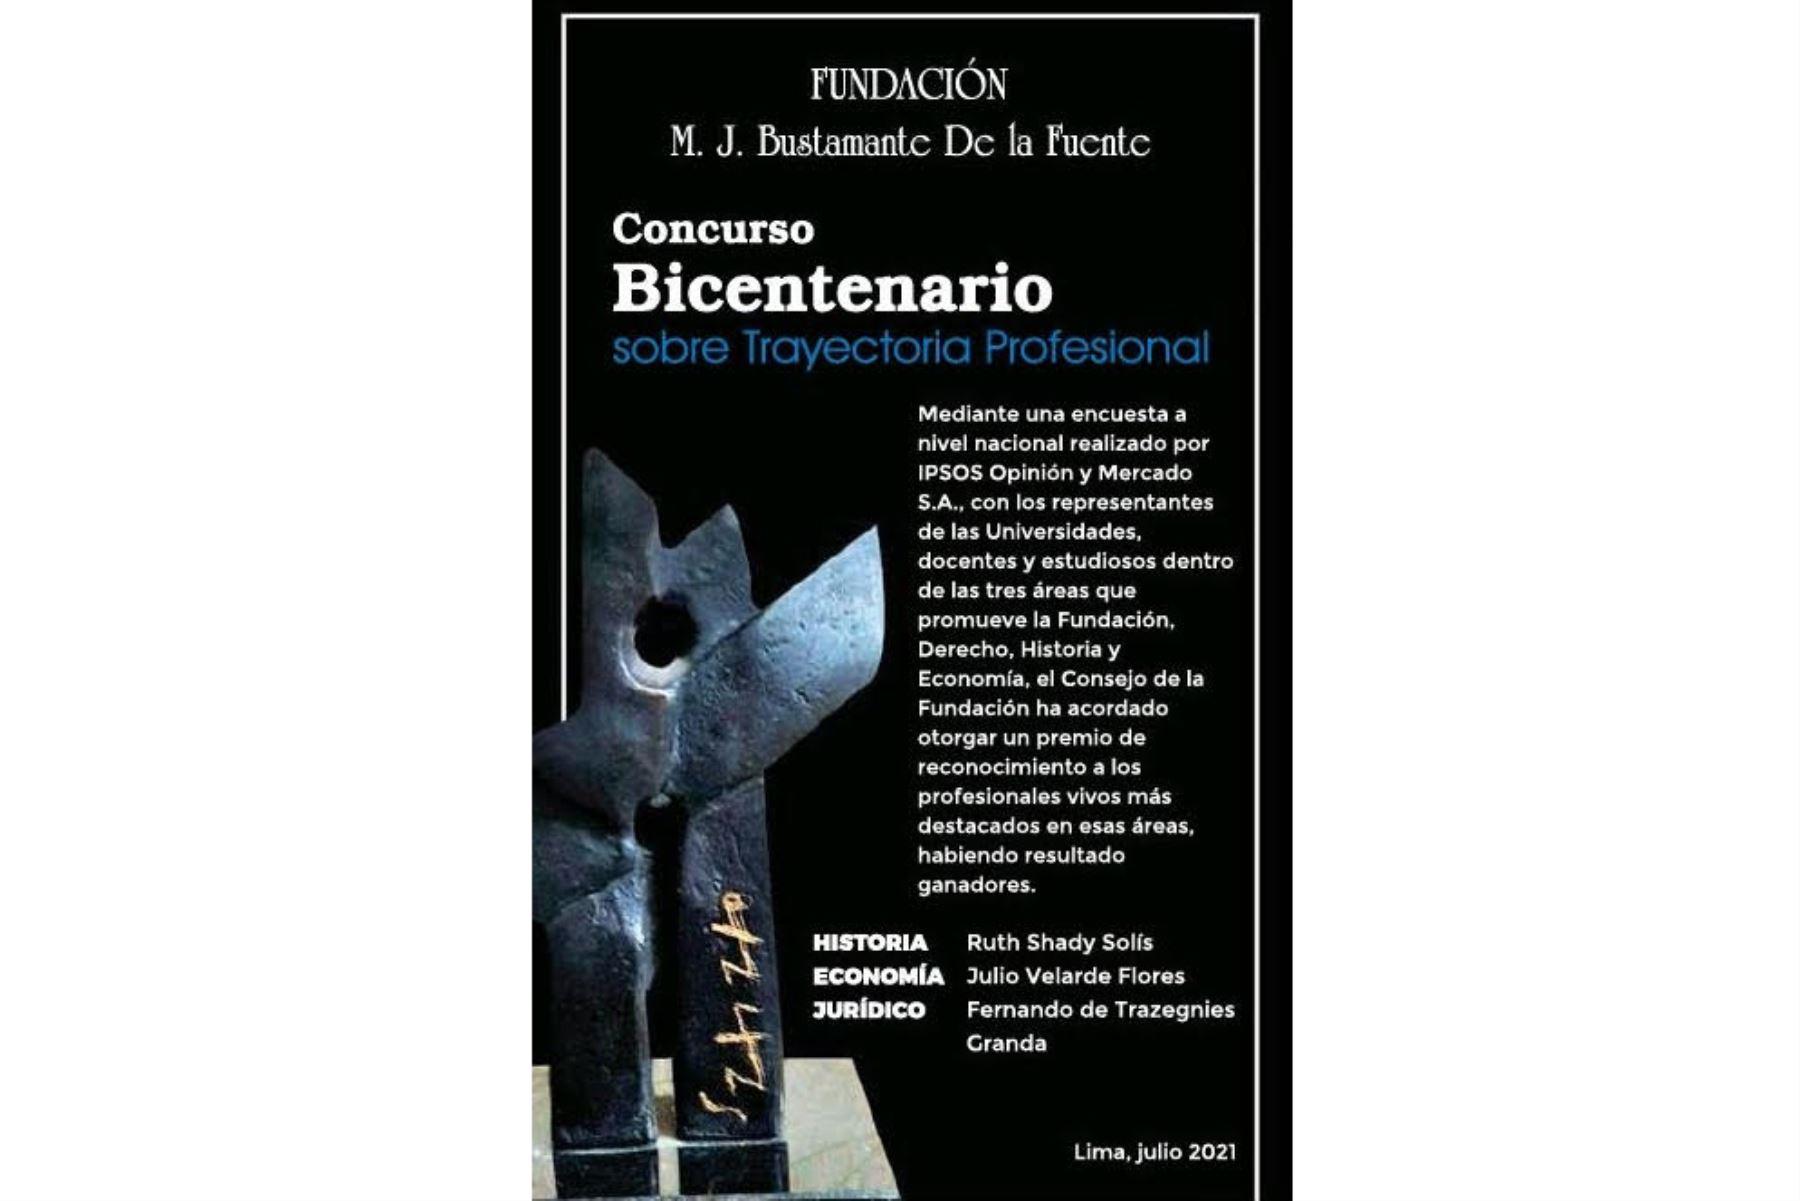 Premian a Ruth Shady, Julio Velarde y Fernando de Trazegnies en Concurso Bicentenario